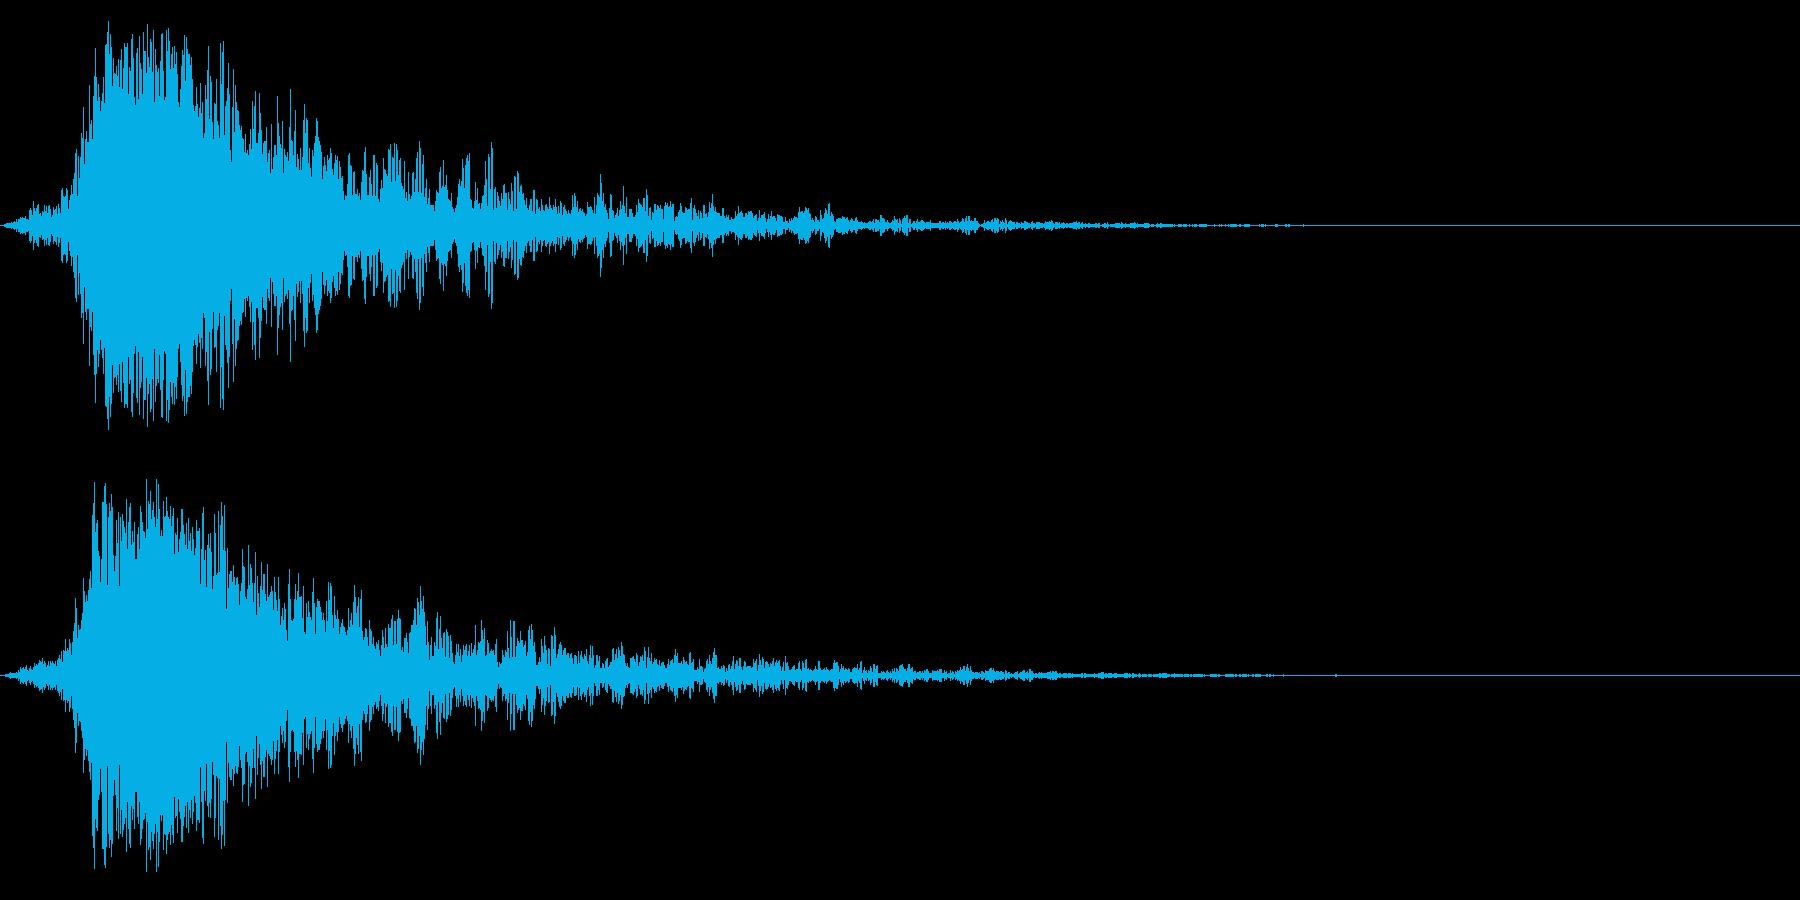 シャキーン!ド派手なインパクトに!46bの再生済みの波形